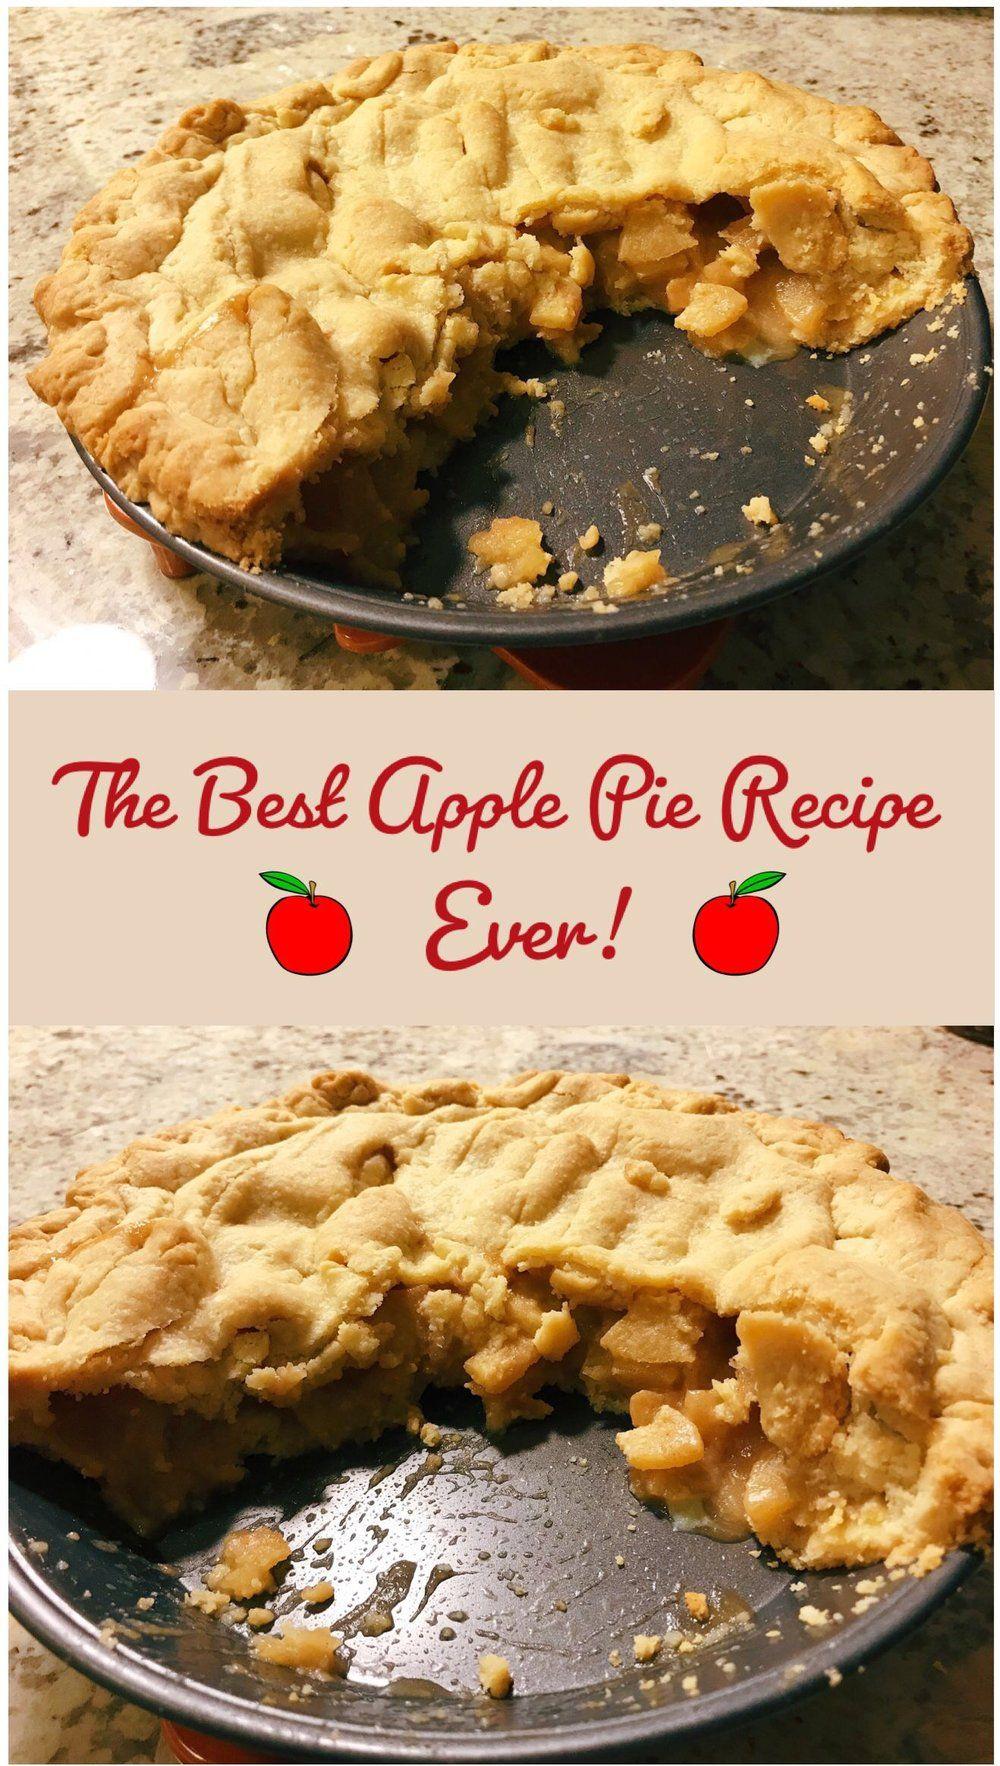 The Best Apple Pie Recipe — All That Glitters #applepie